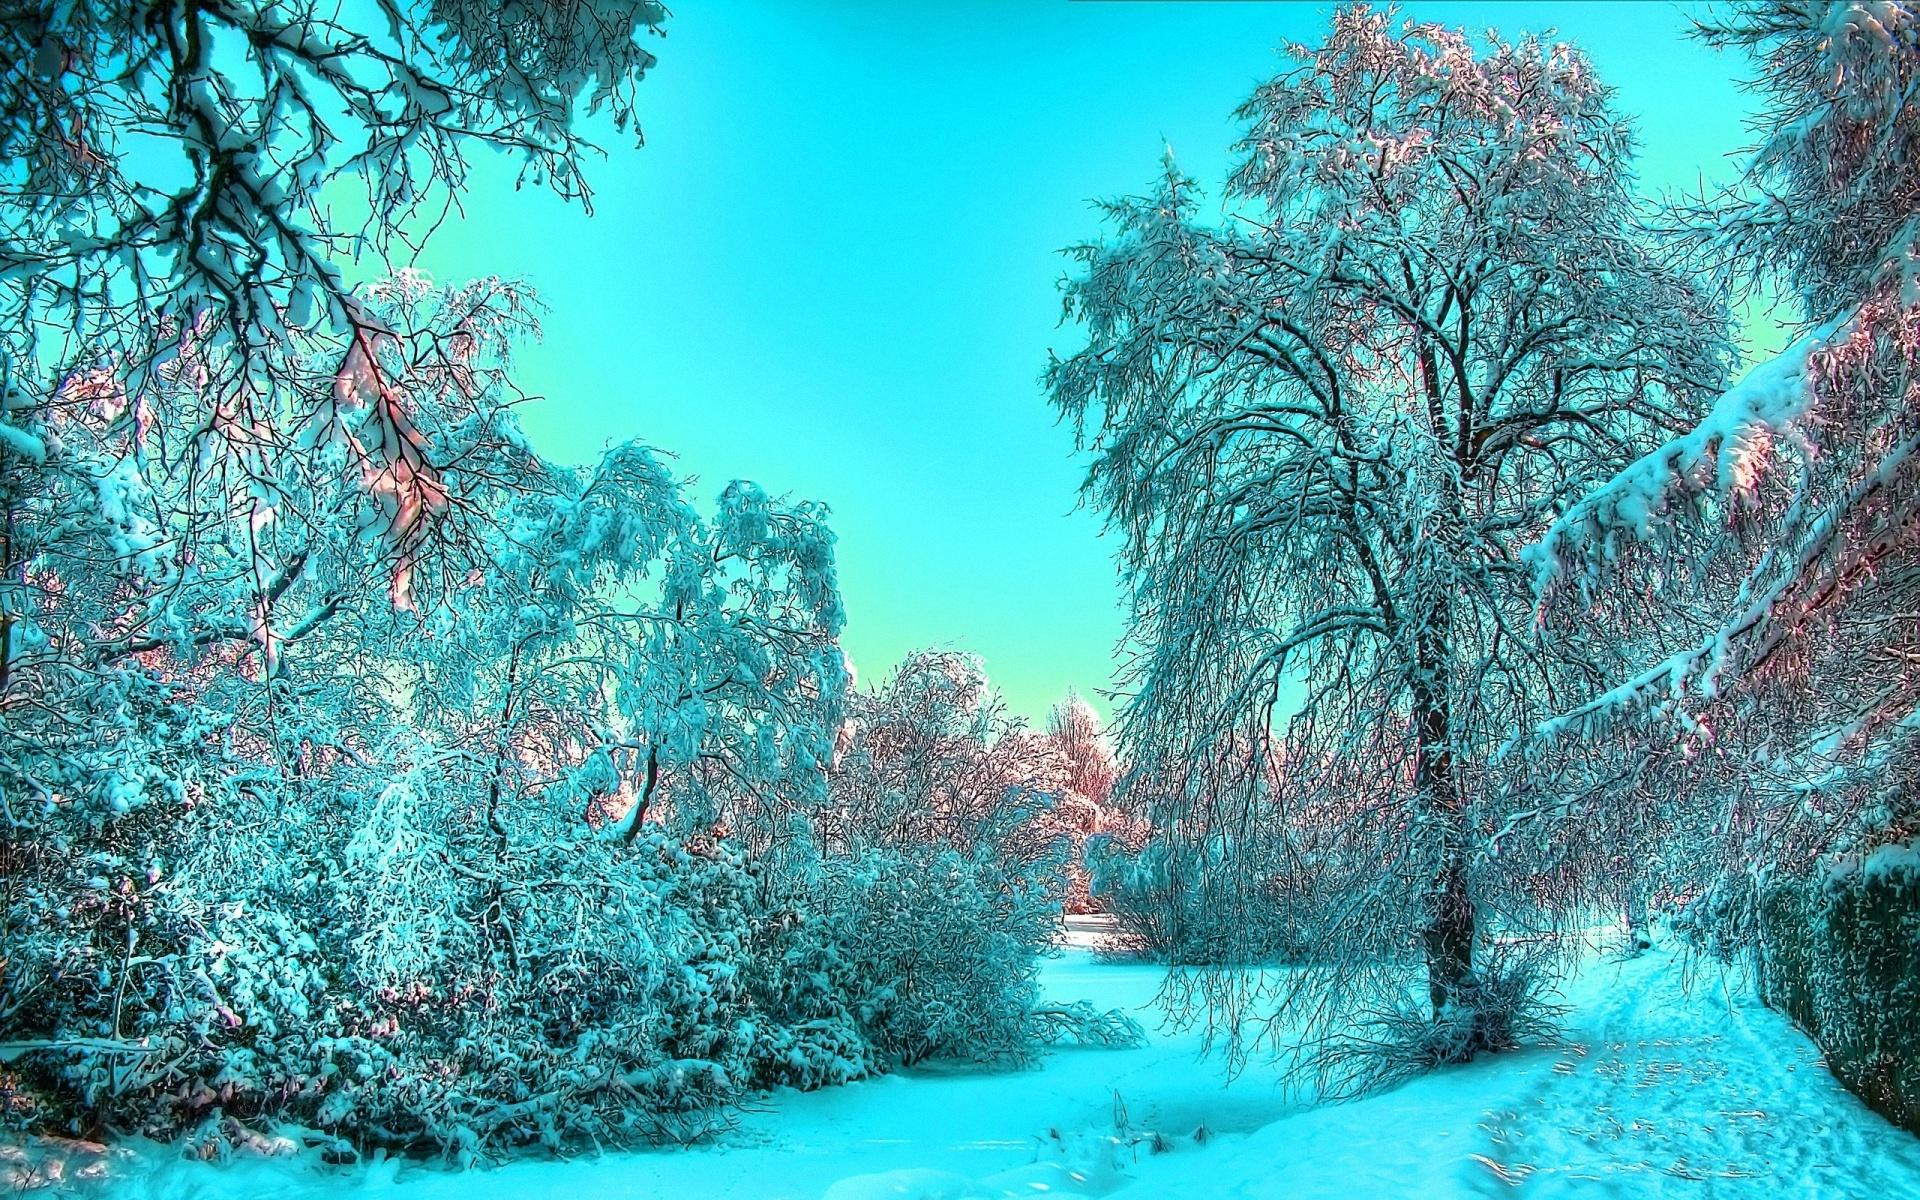 Зимний лес сказочная красота обои